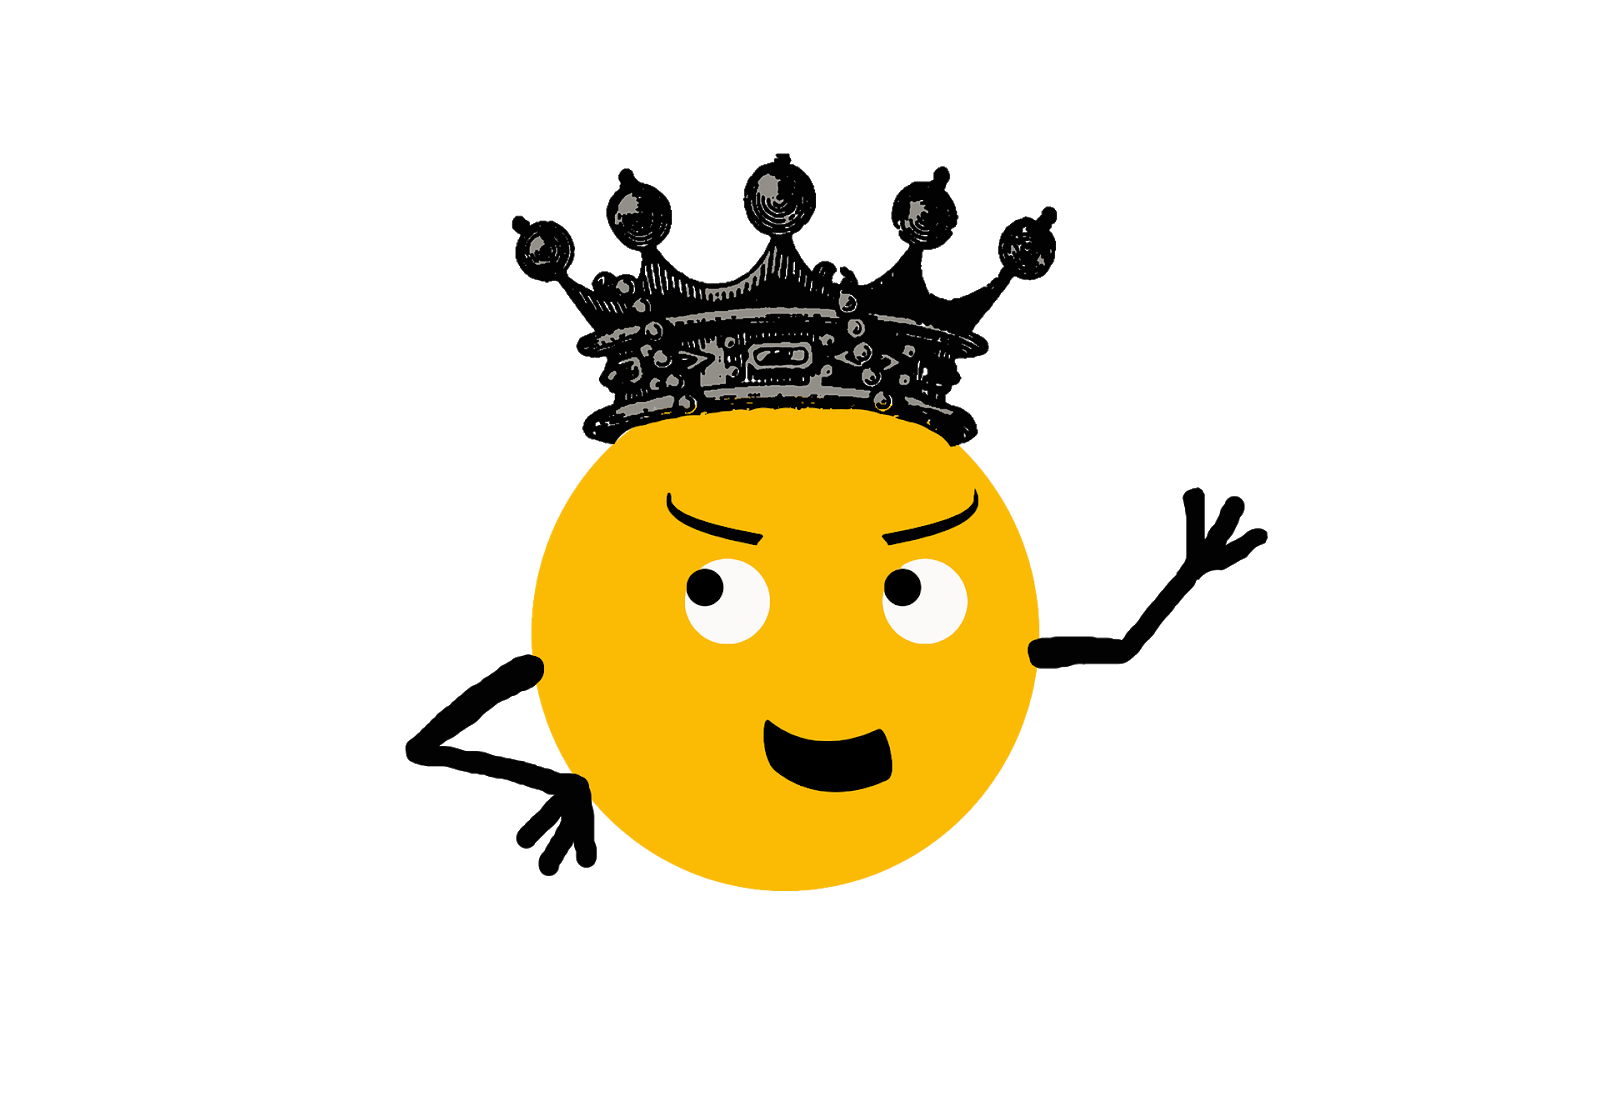 اختصاصات الملك